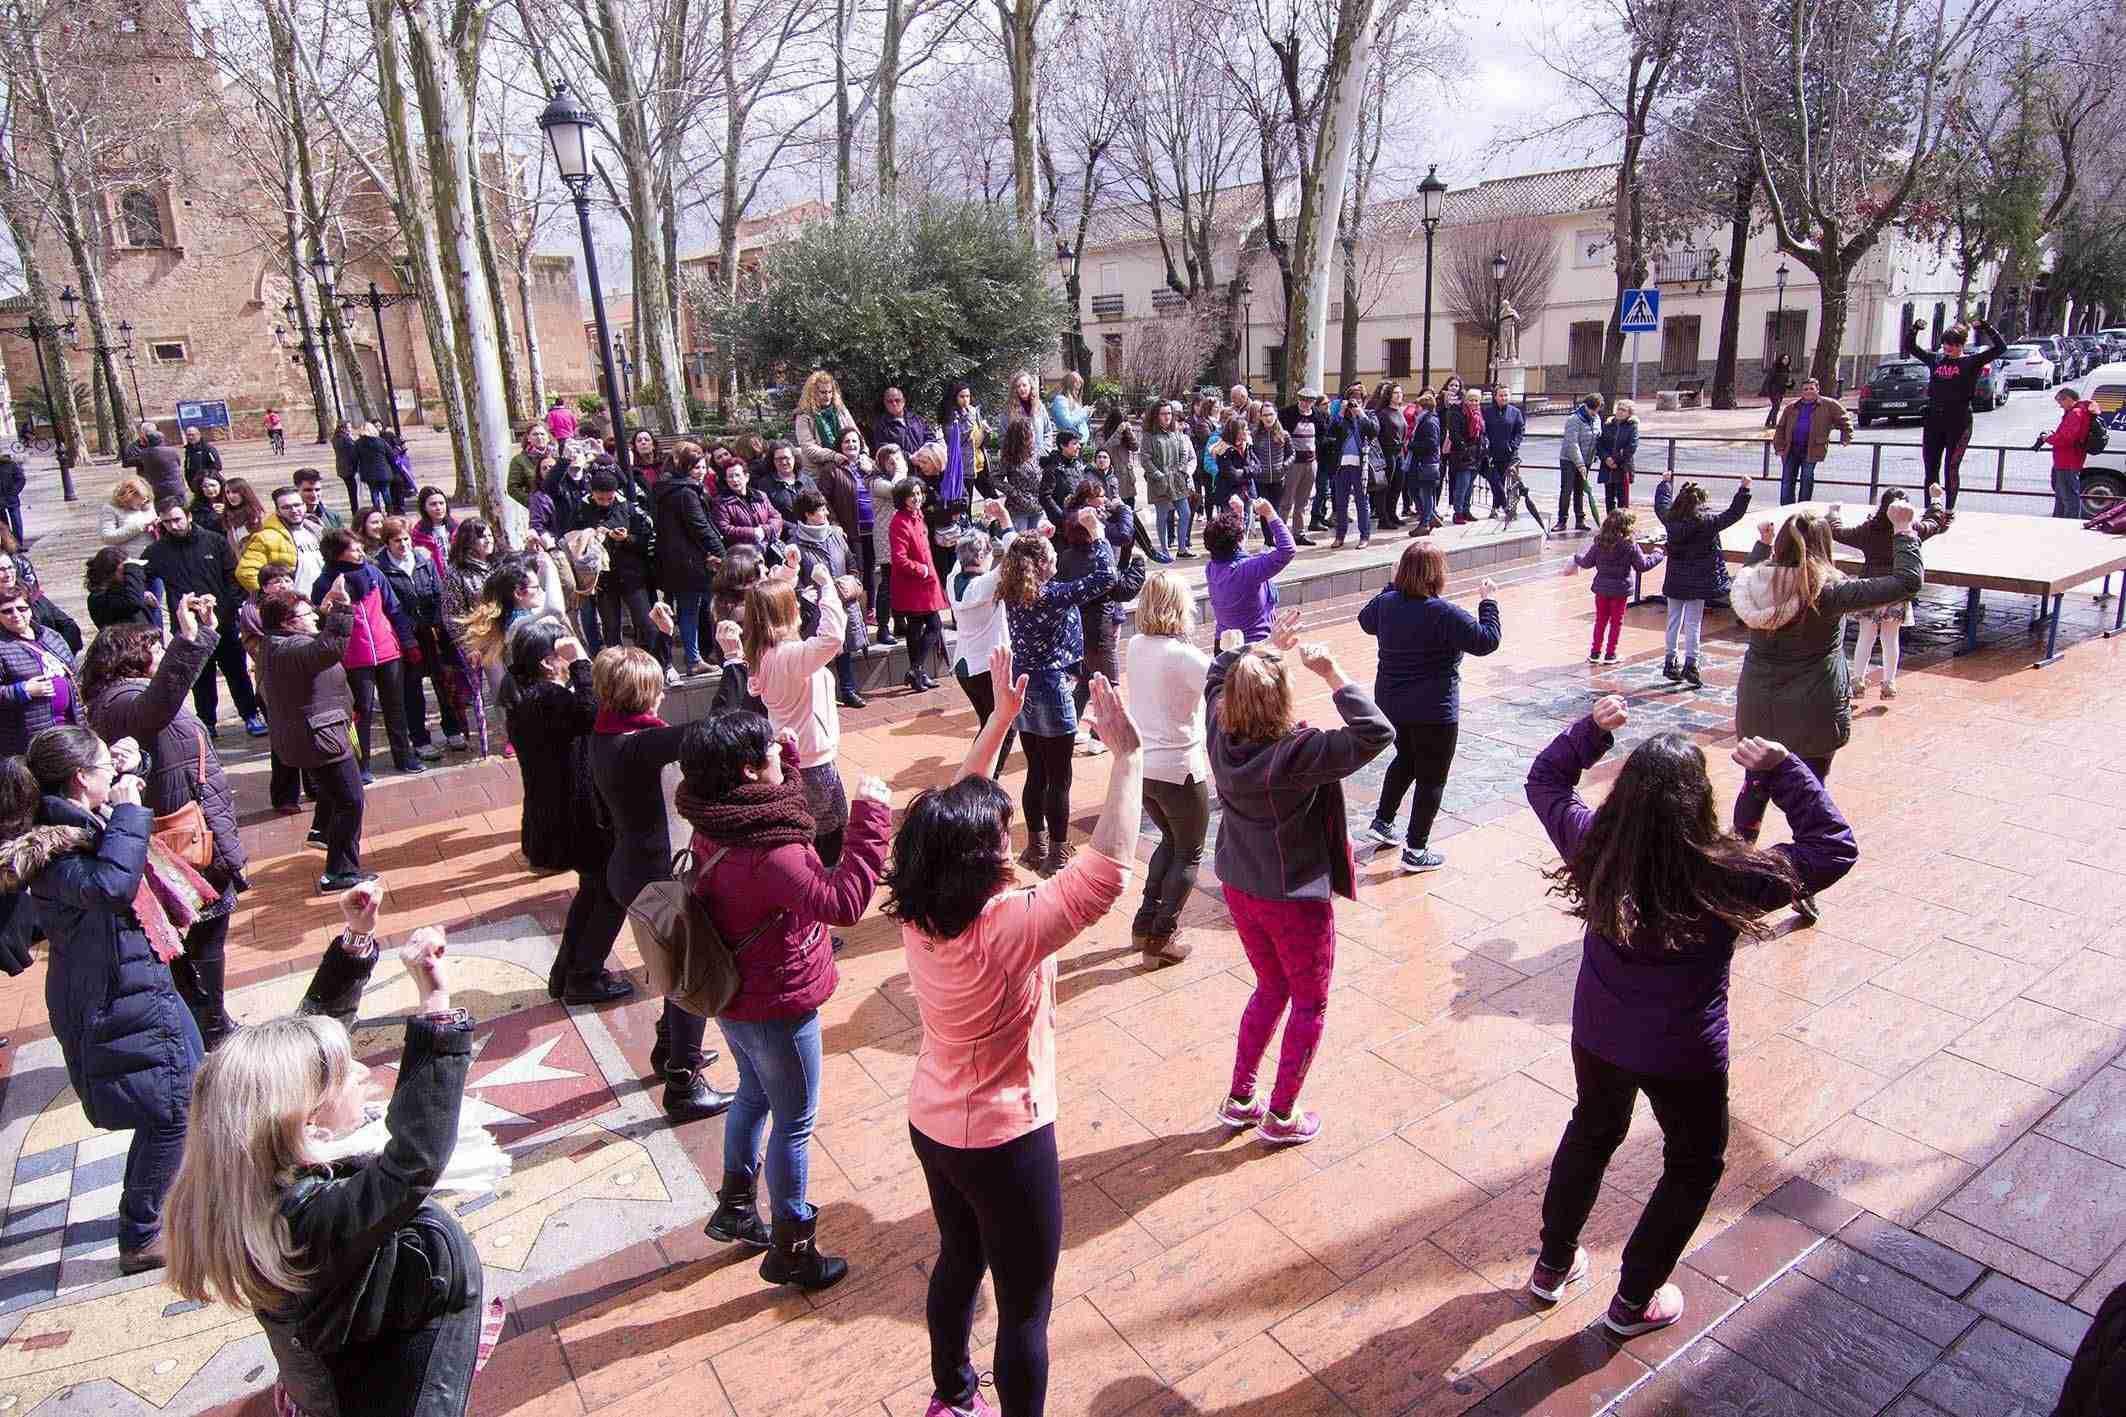 Argamasilla de Alba conmemora el 8M con una concentración por la igualdad 8